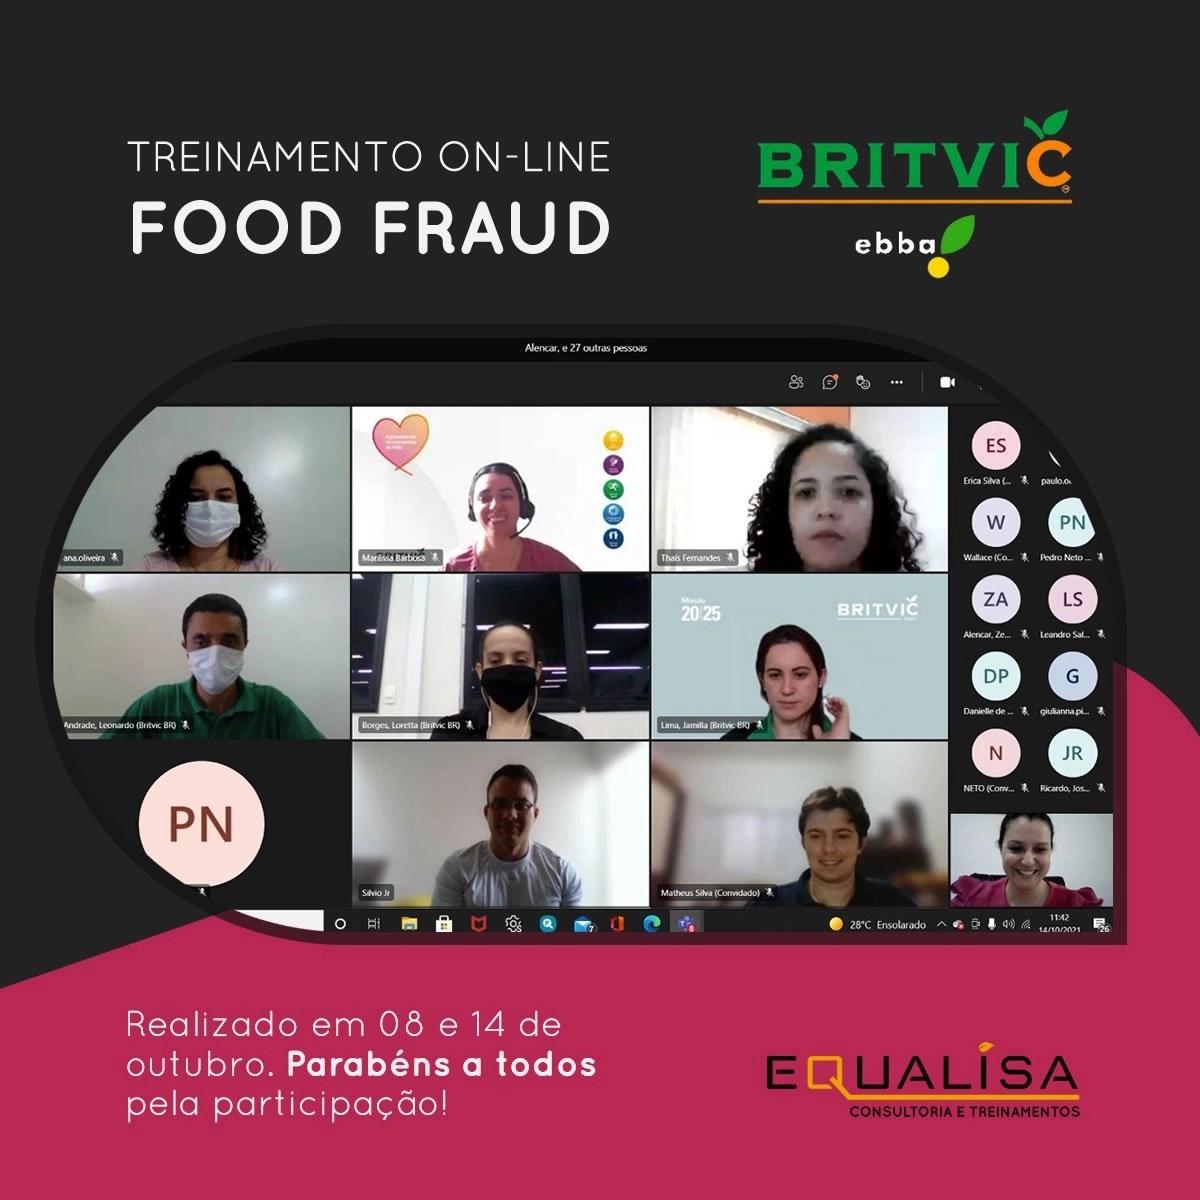 Treinamento on-line de FOOD FRAUD